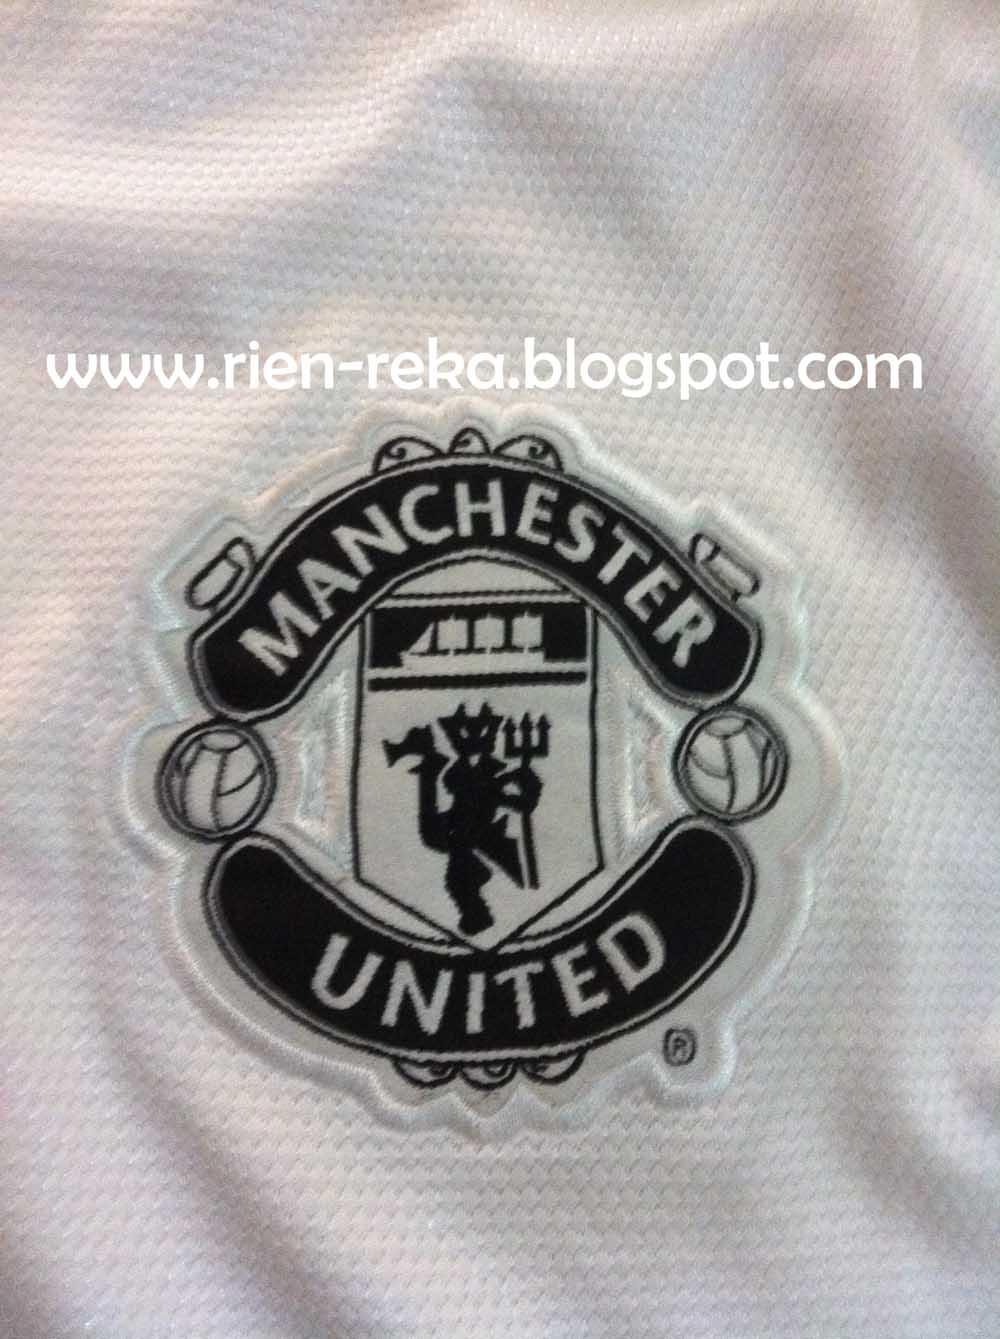 Jual Kaos Jersey Bola: Kaos Jersey Manchester United Away 2012-2013